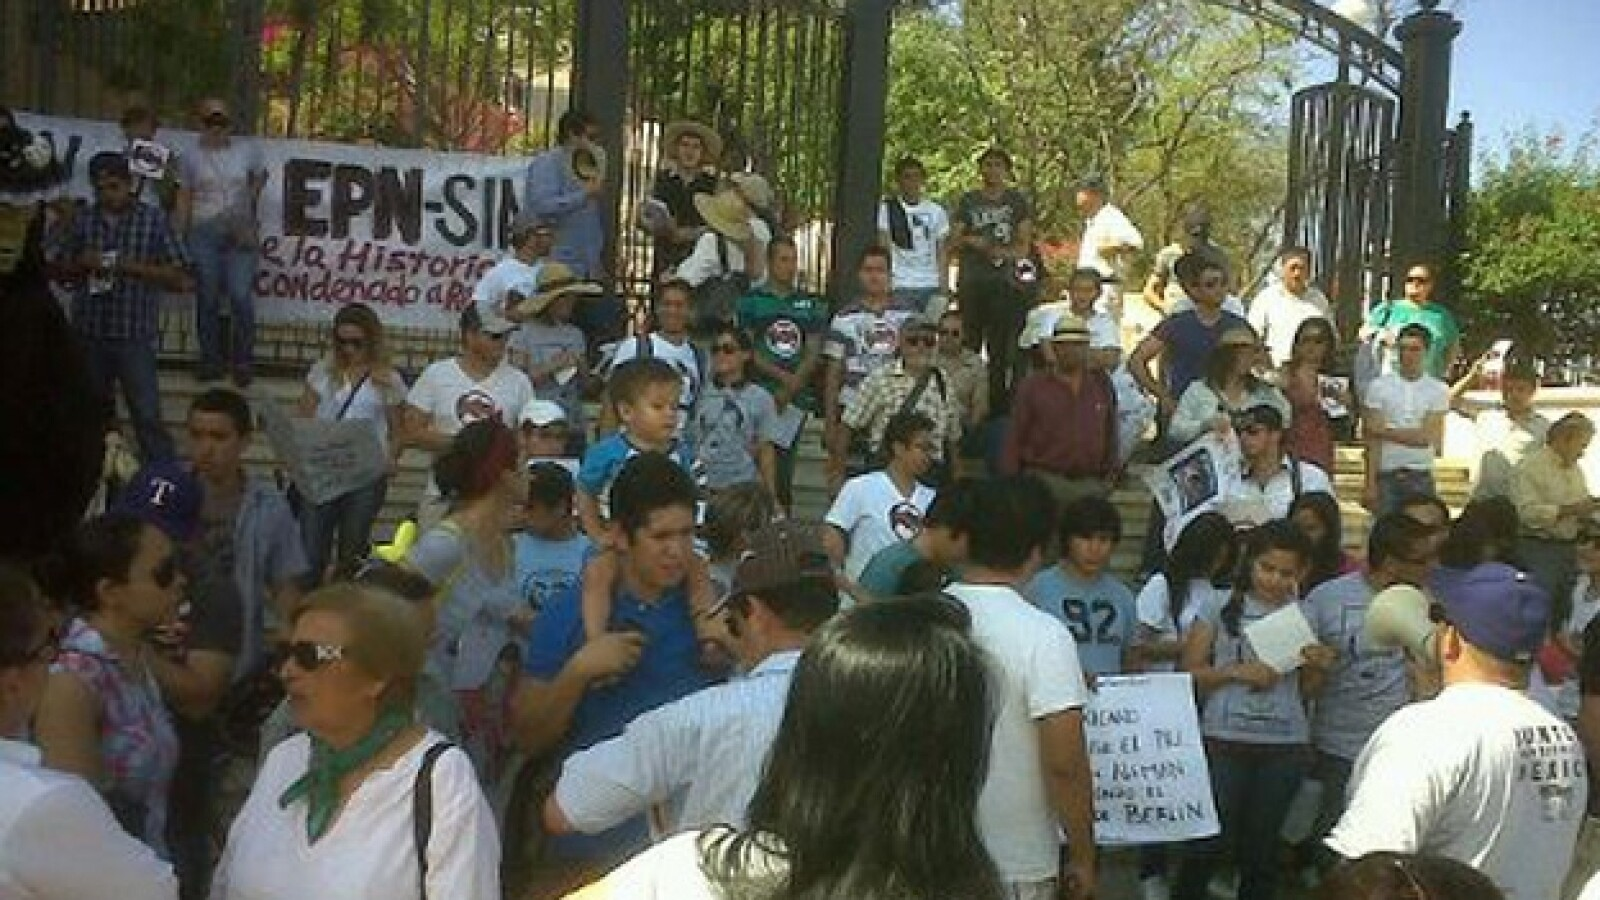 marcha antipeña Culiacán